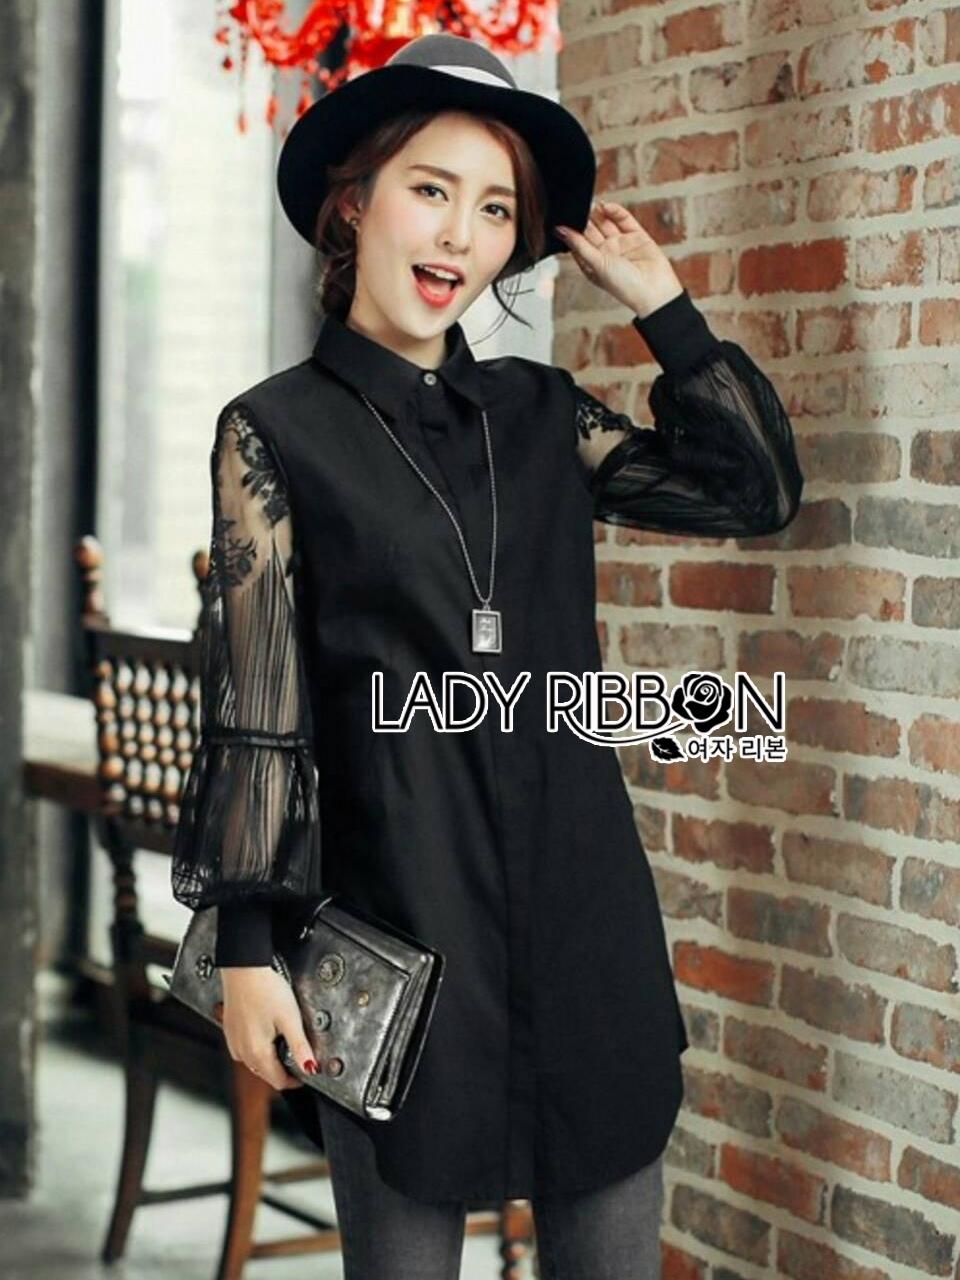 เสื้อผ้าเกาหลี พร้อมส่งเชิ้ตยาวผ้าป็อบลินคอตตอนตกแต่งแขนลูกไม้